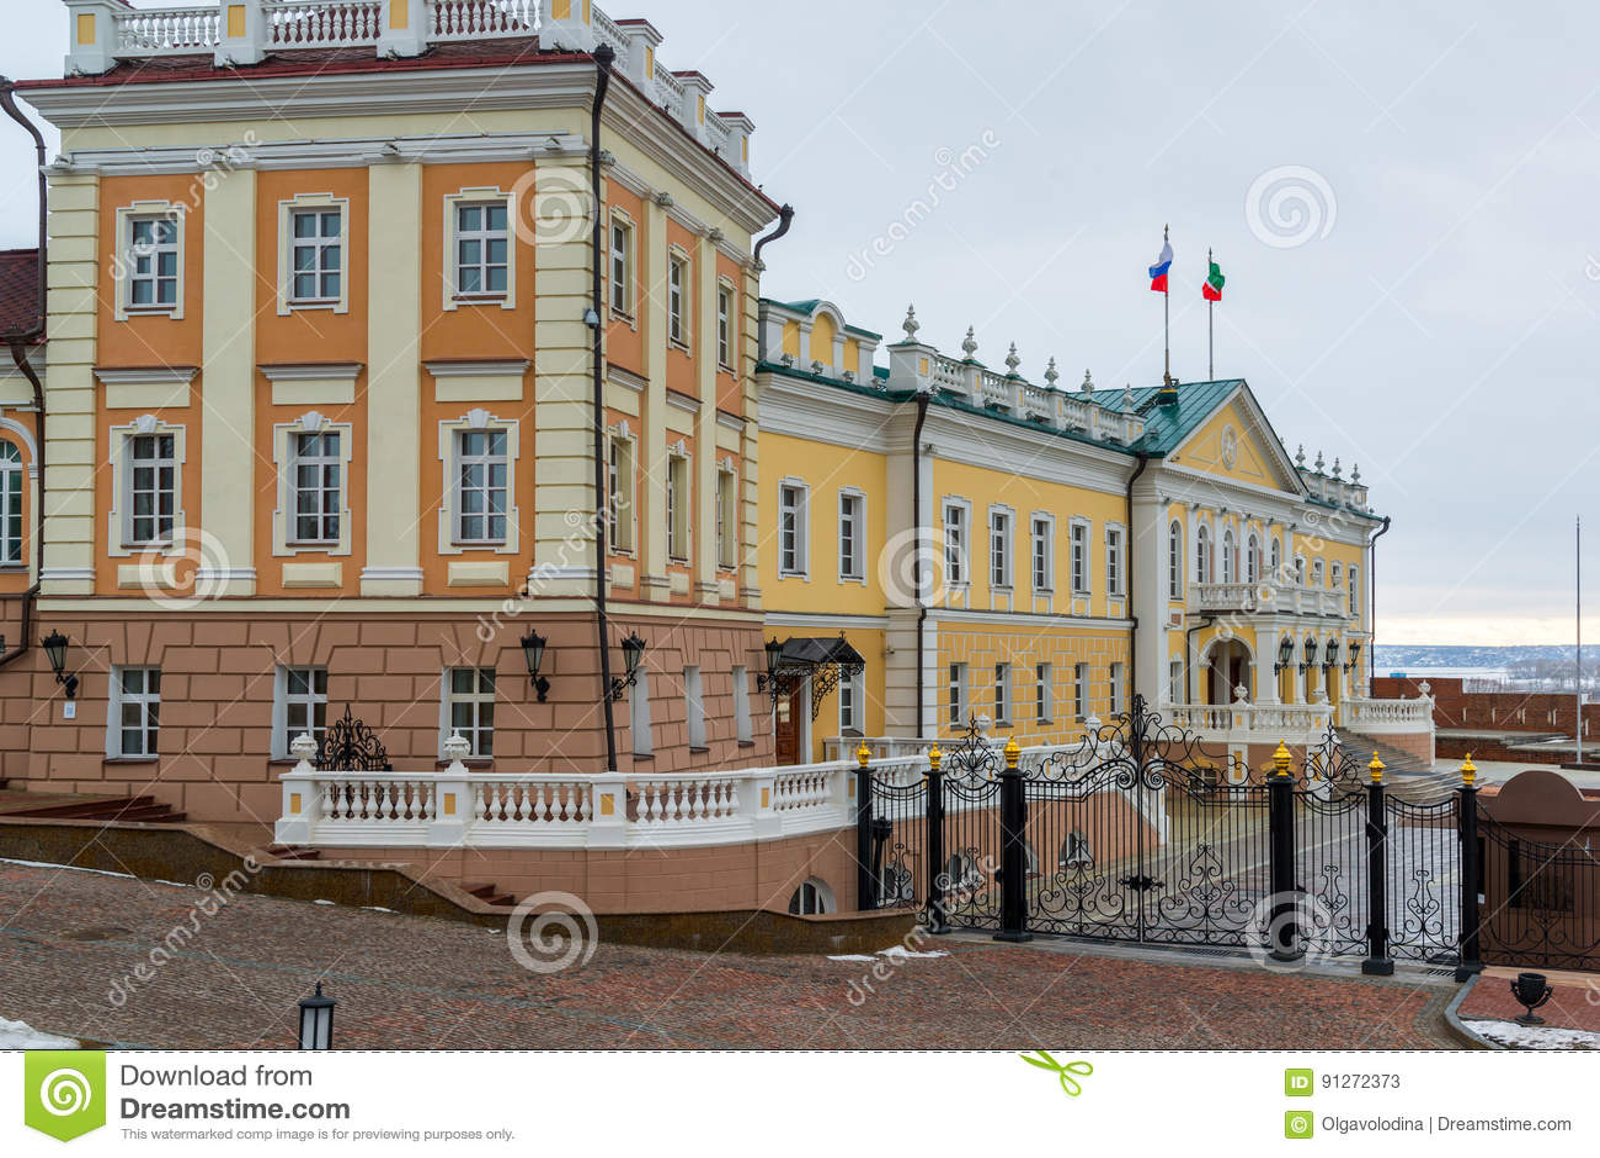 Kazan, Rusland De Noordelijke Korpsen van Kanonhof Woonplaats van de Adviseur van de Staat van Republiek Tatarstan